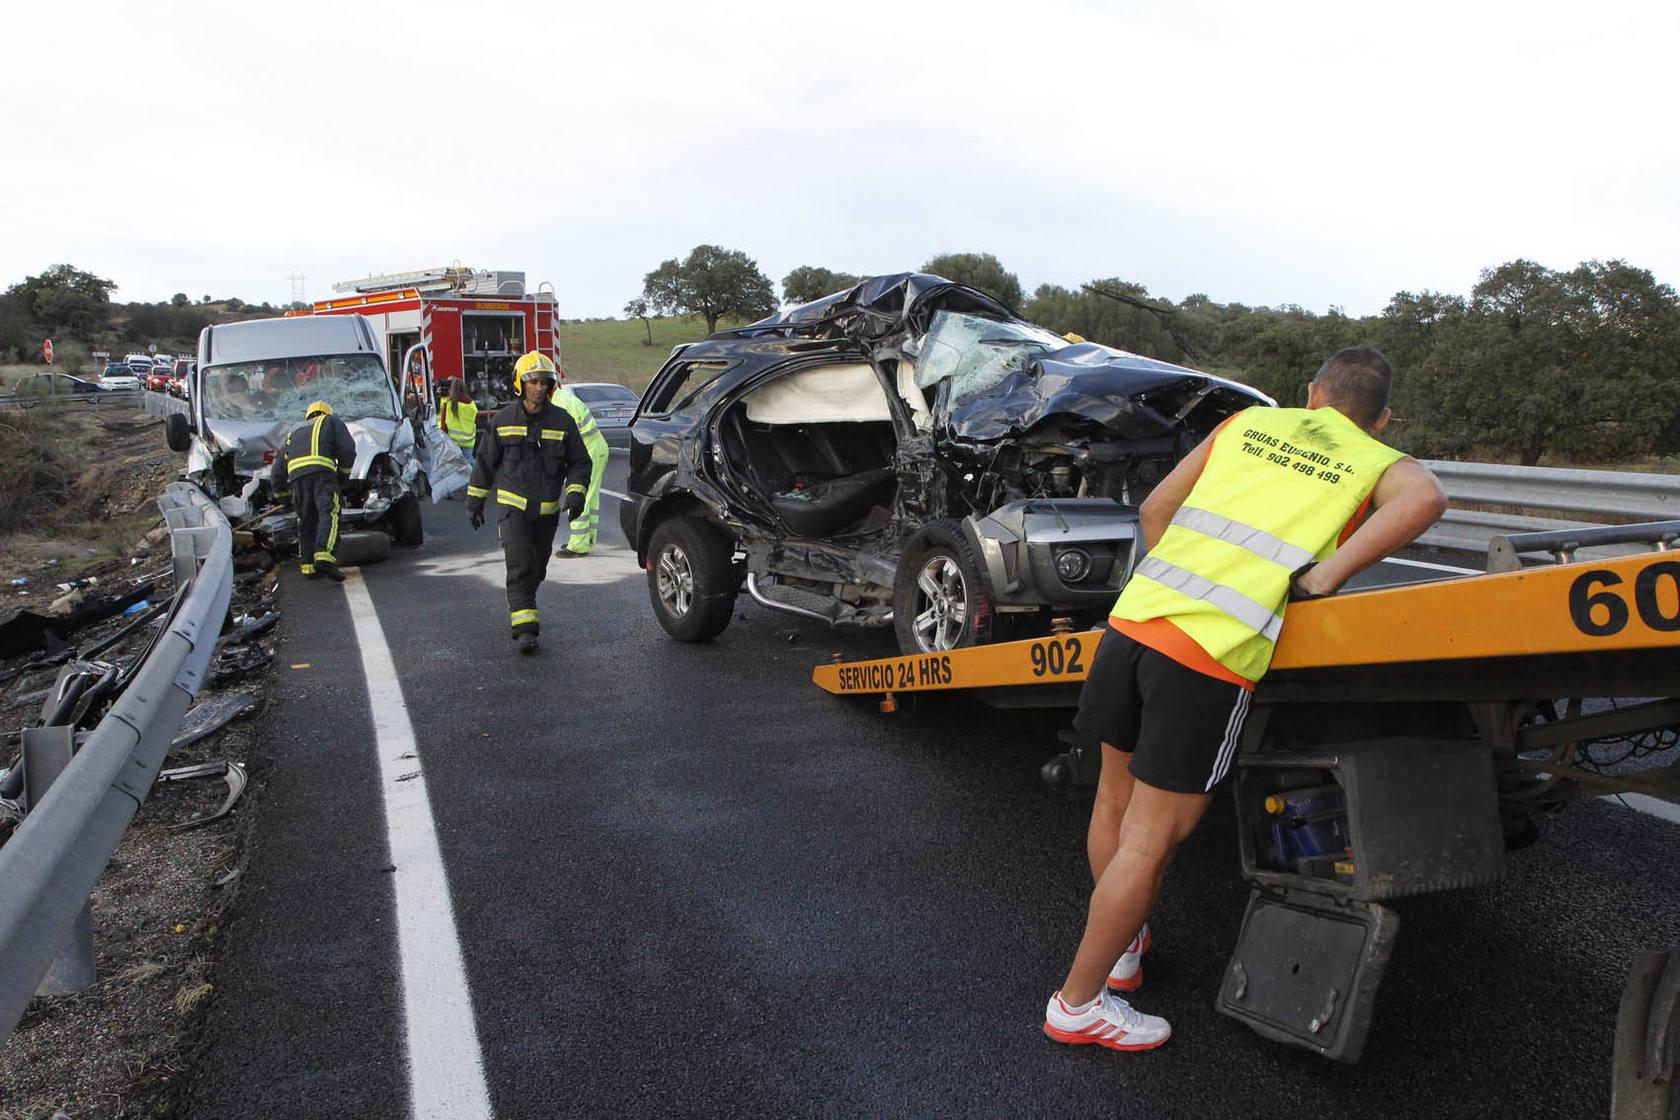 Muere un vecino de Plasencia en un accidente de tráfico